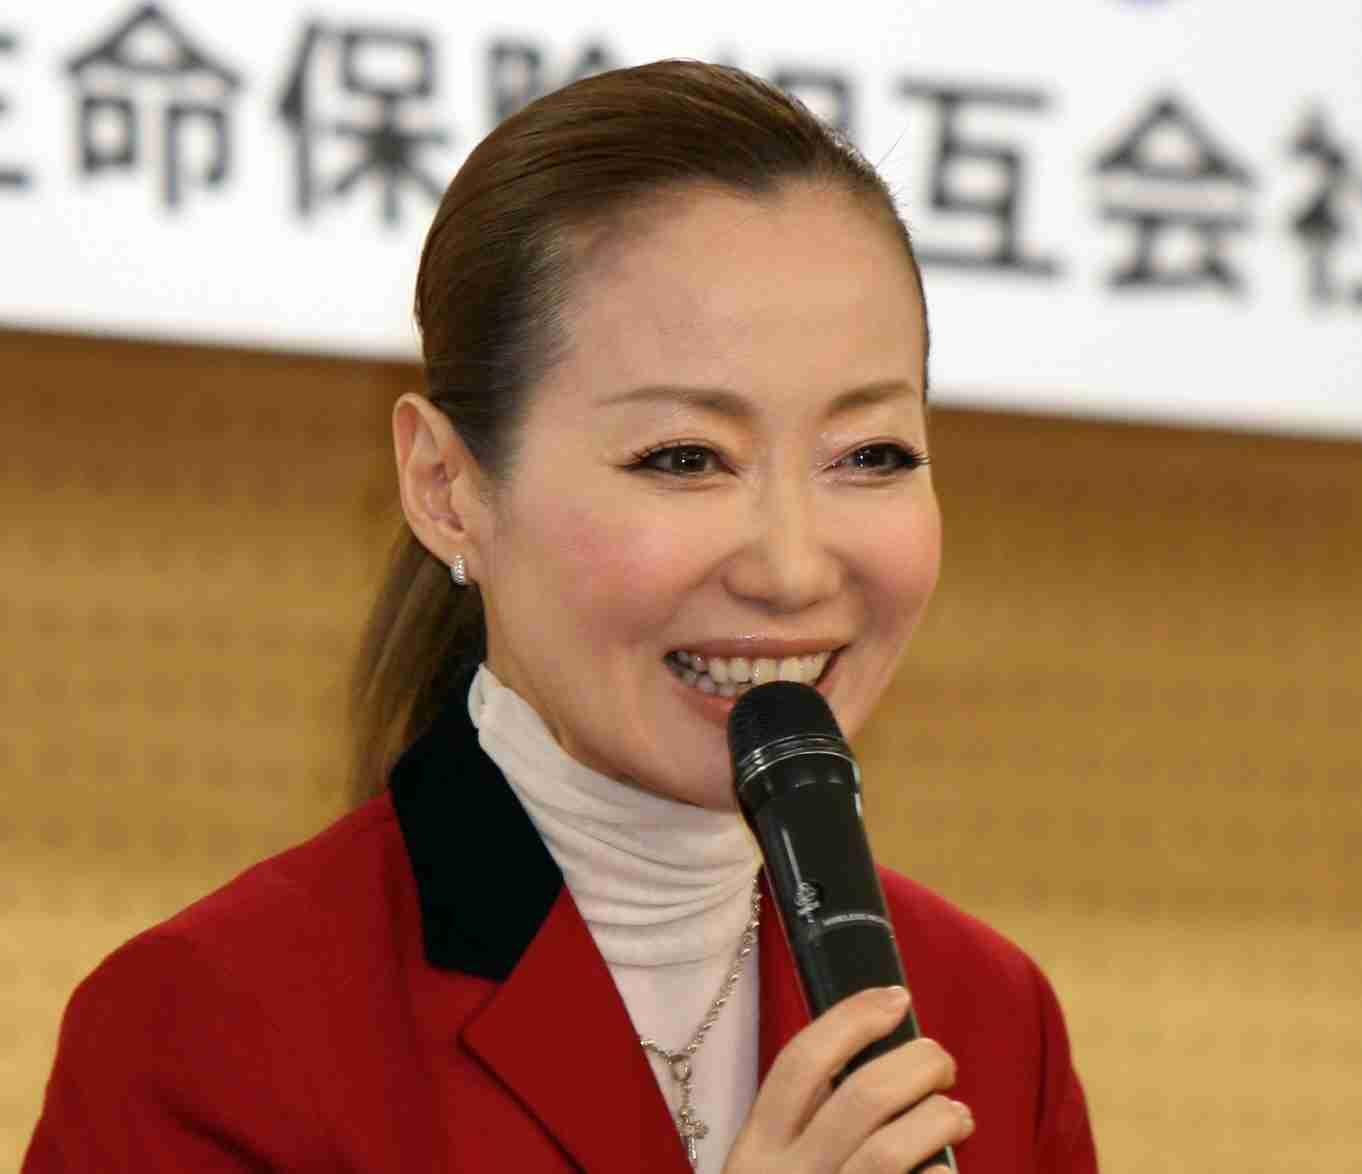 遥洋子 党首から出馬要請の直電きていた 「心臓がバックバック言う」 (デイリースポーツ) - Yahoo!ニュース